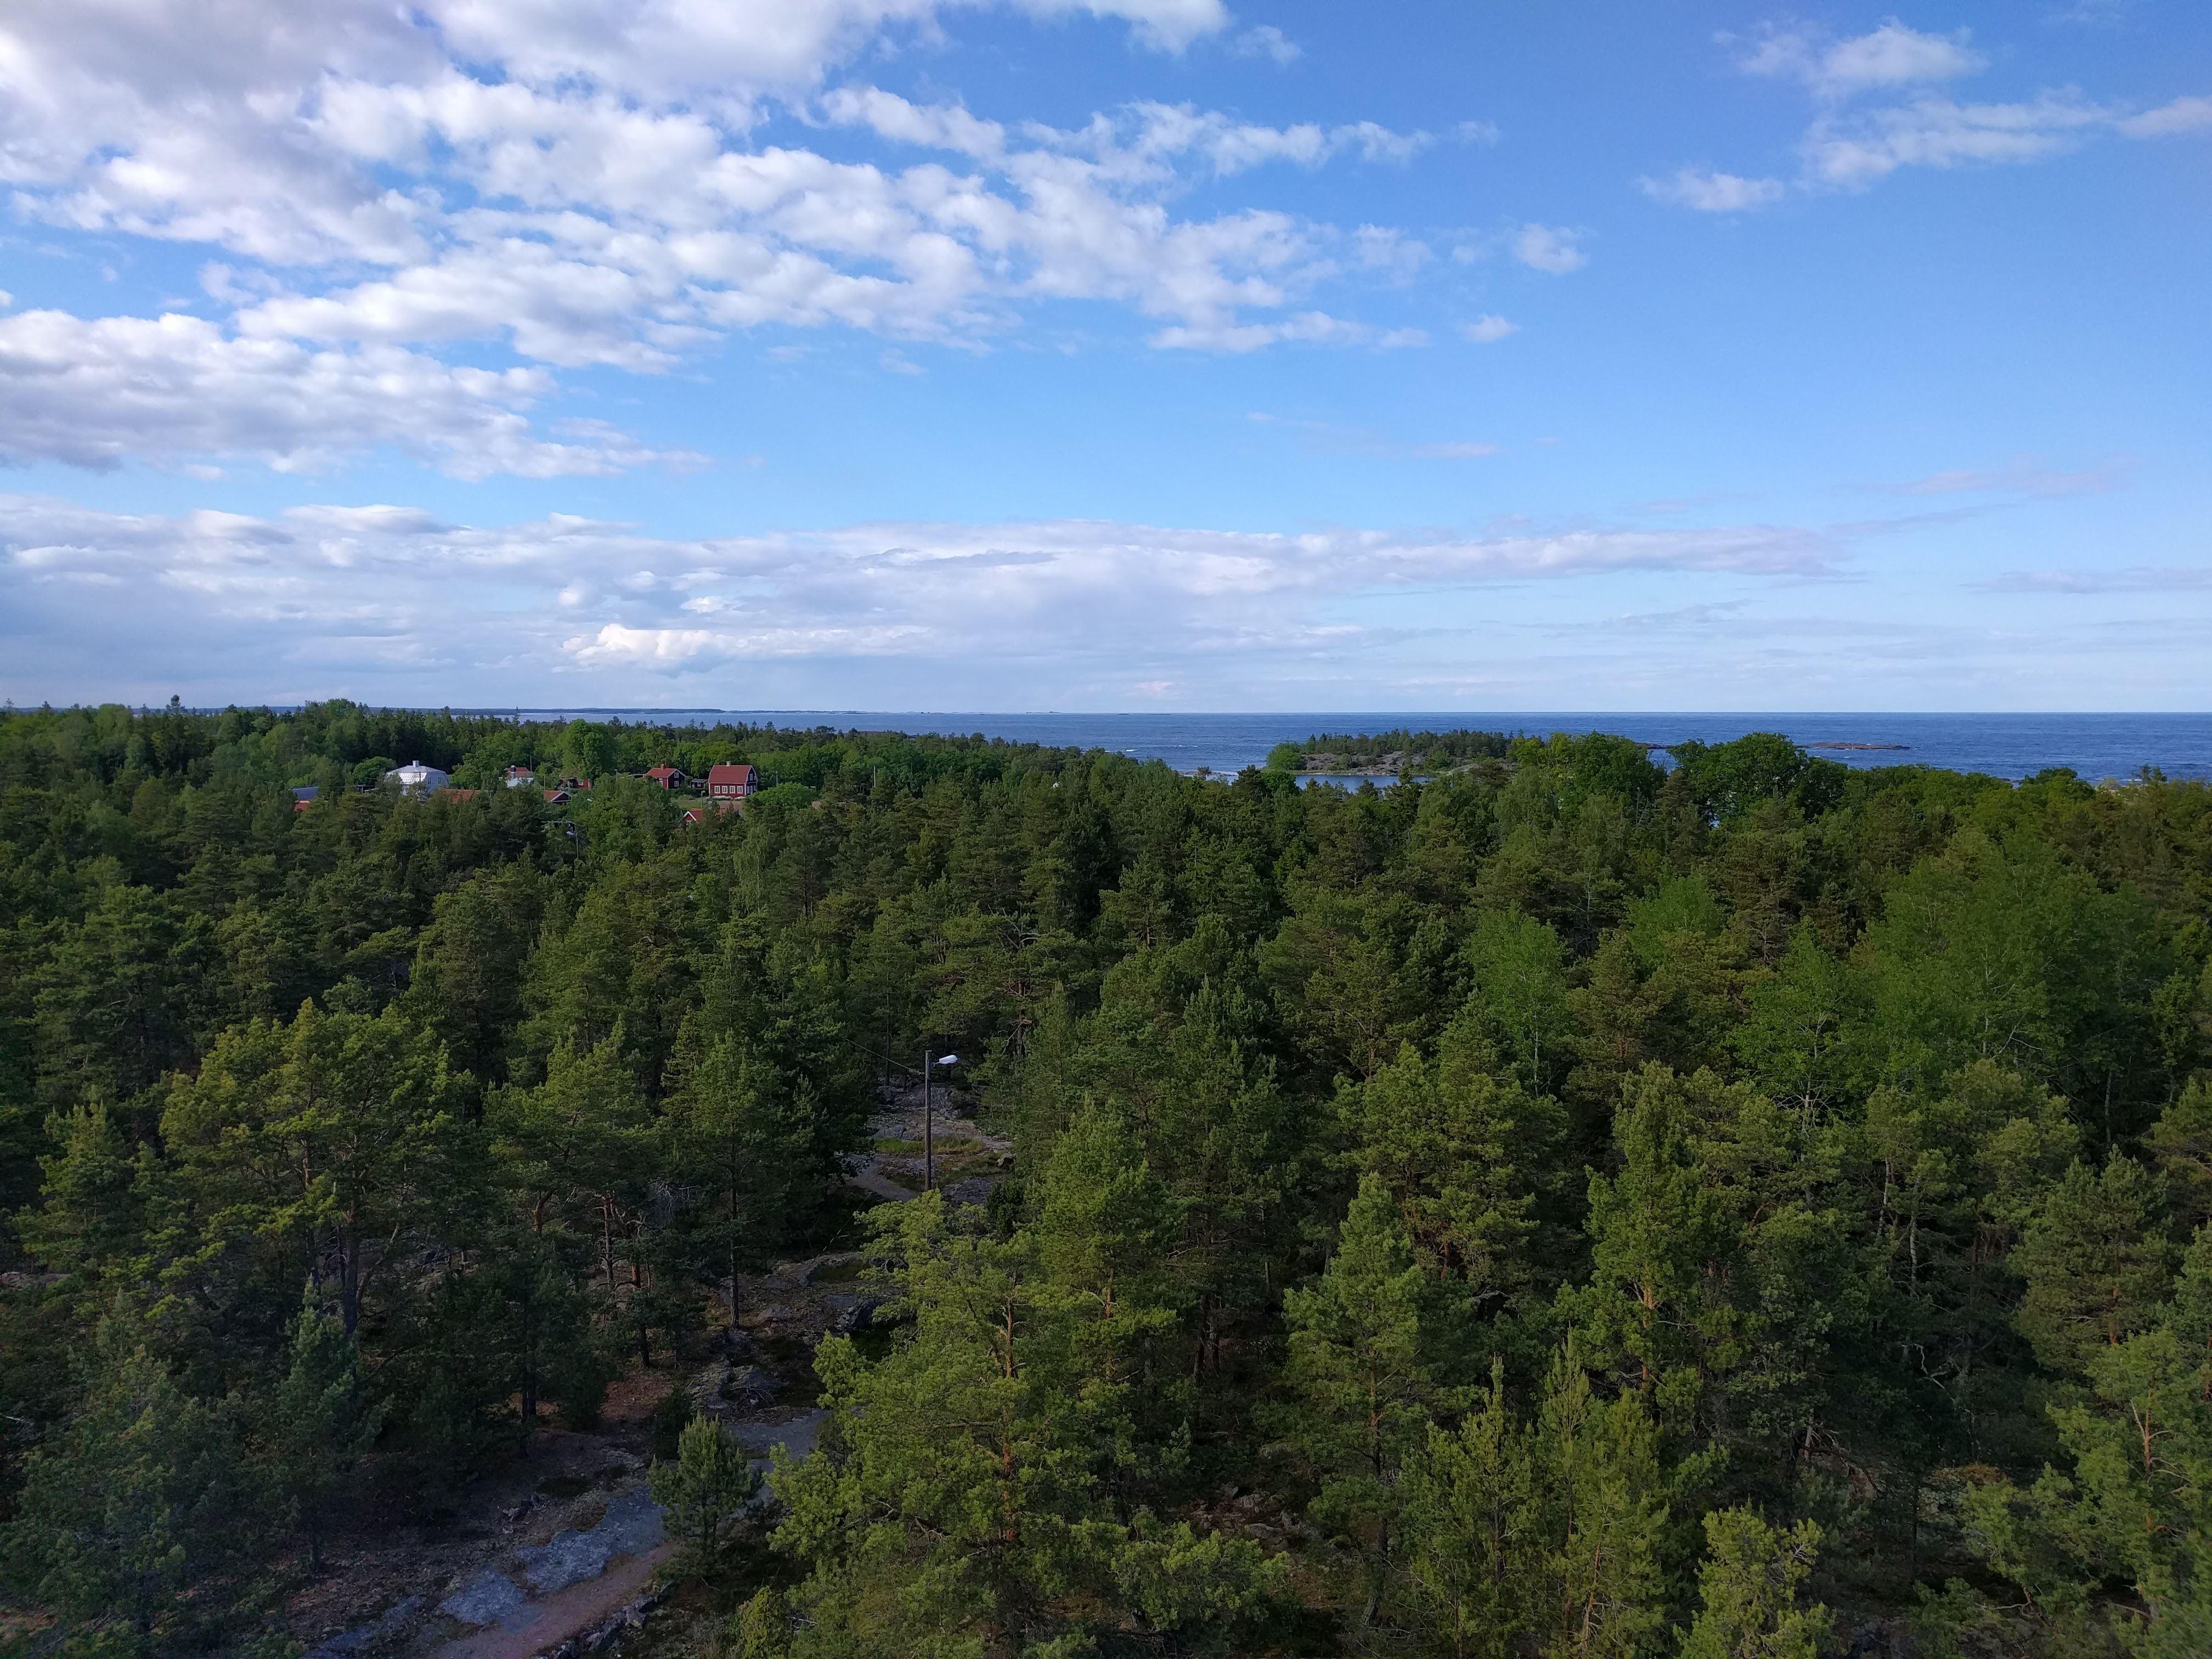 Lotsutkiken på Idö - Lotsenausguck auf der Insel Idö